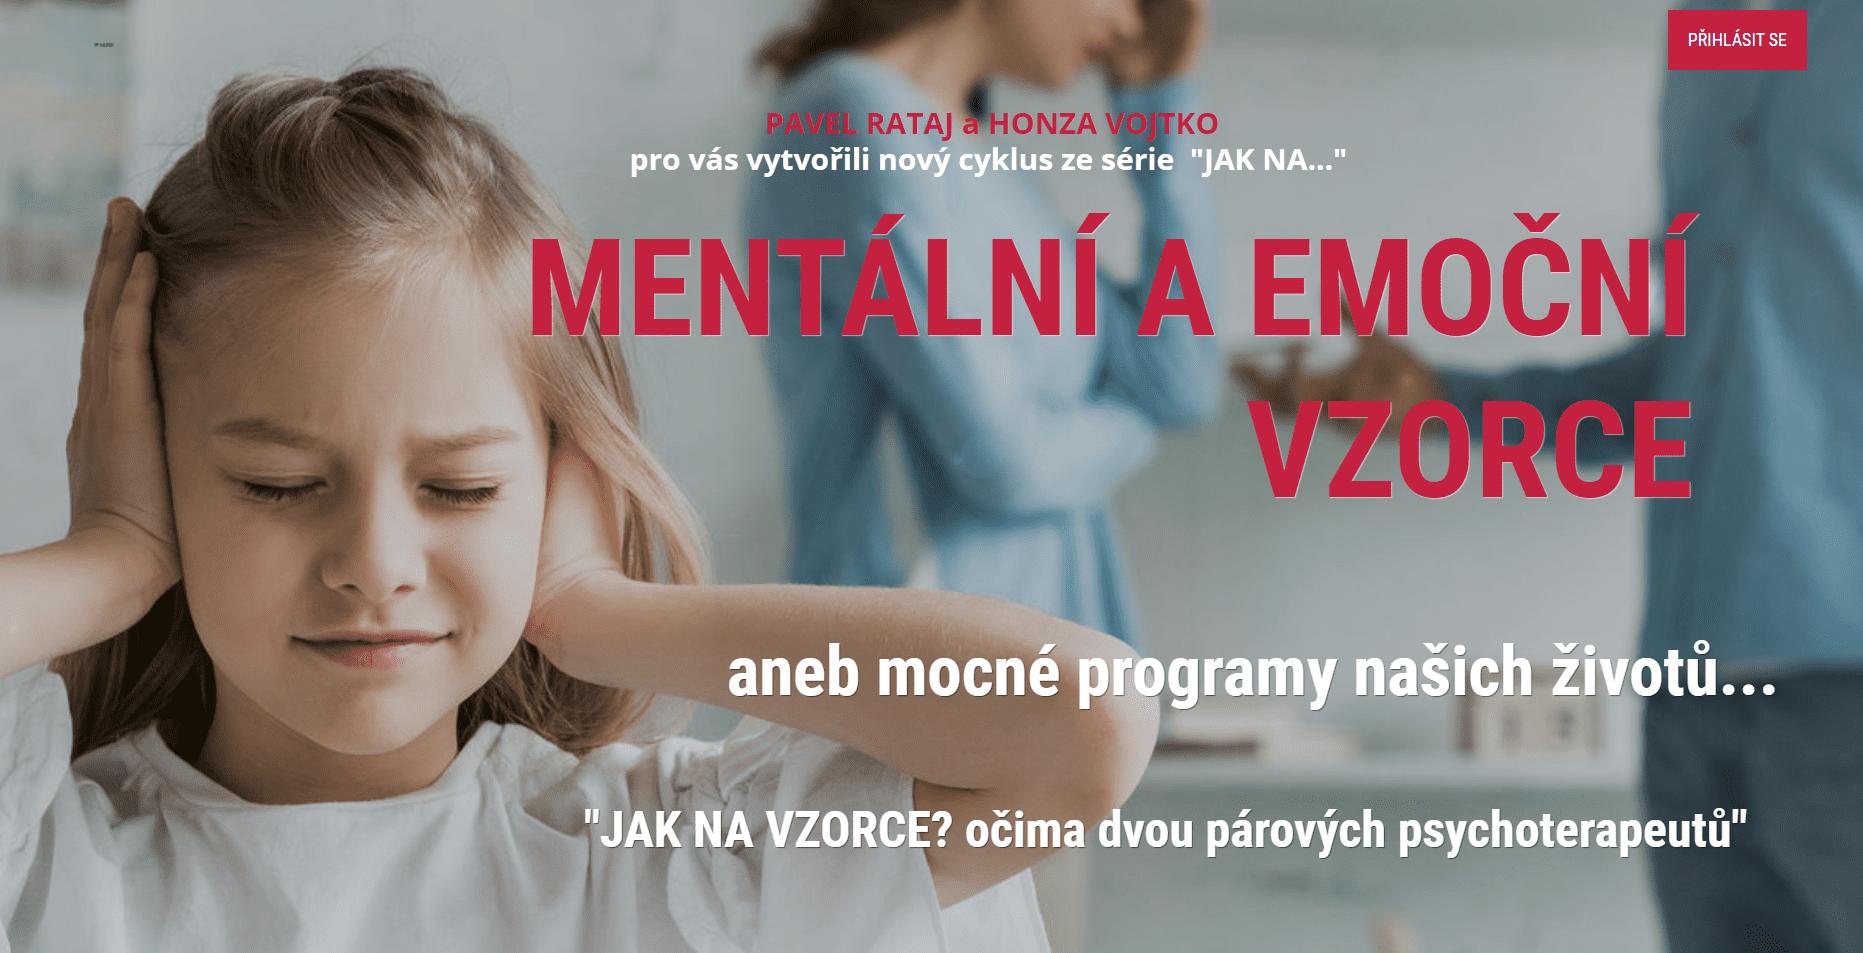 Emoční amentální vzorce - online kurz Pavel Rataj aHonza Vojtko